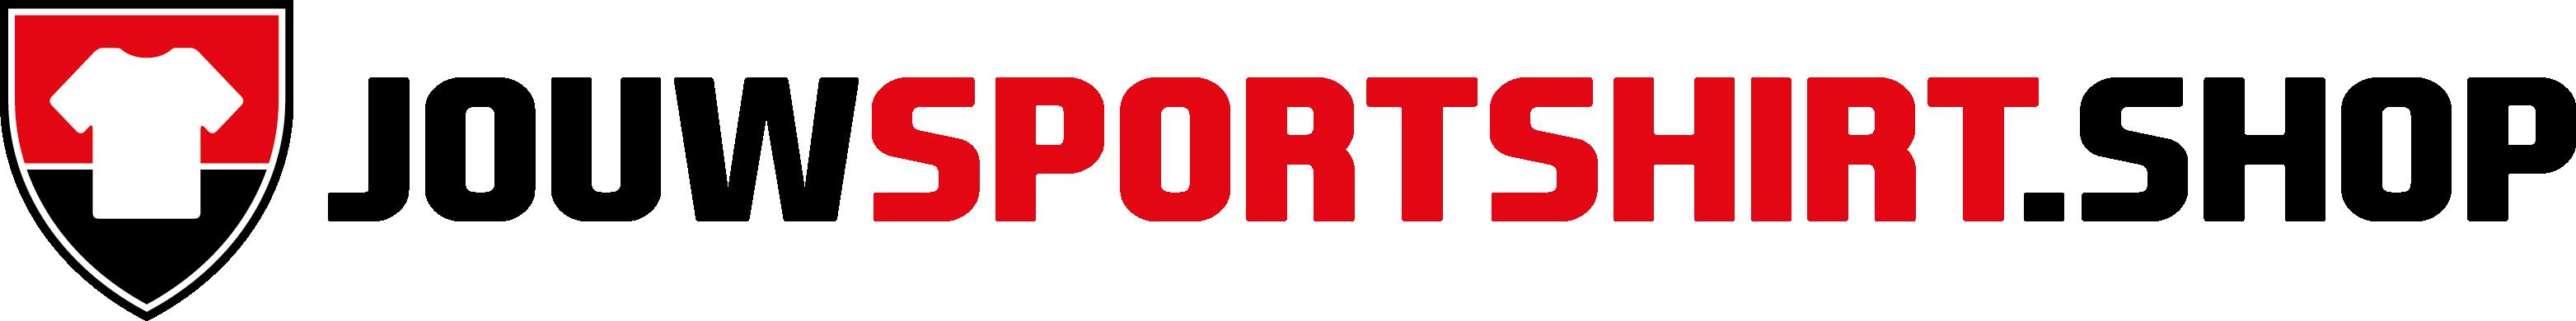 JouwSportShirt.shop